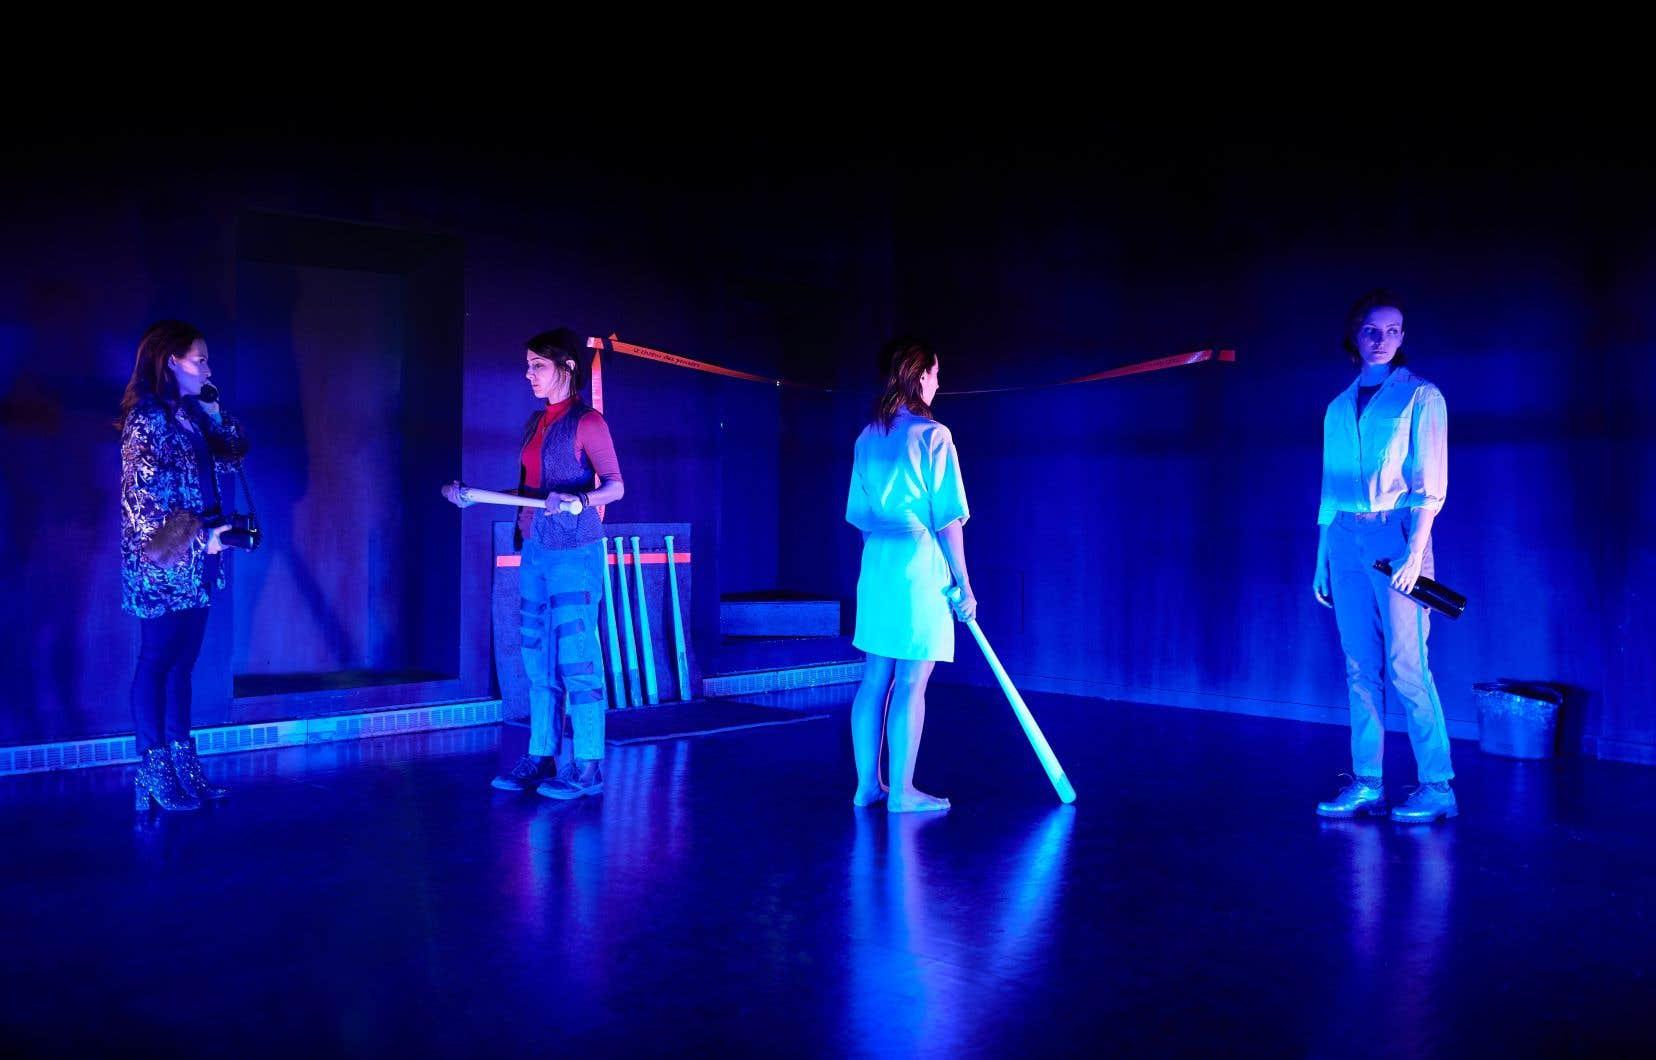 La pièce de théâtre est un vibrant hommage à l'art, à commencer par celui des femmes.